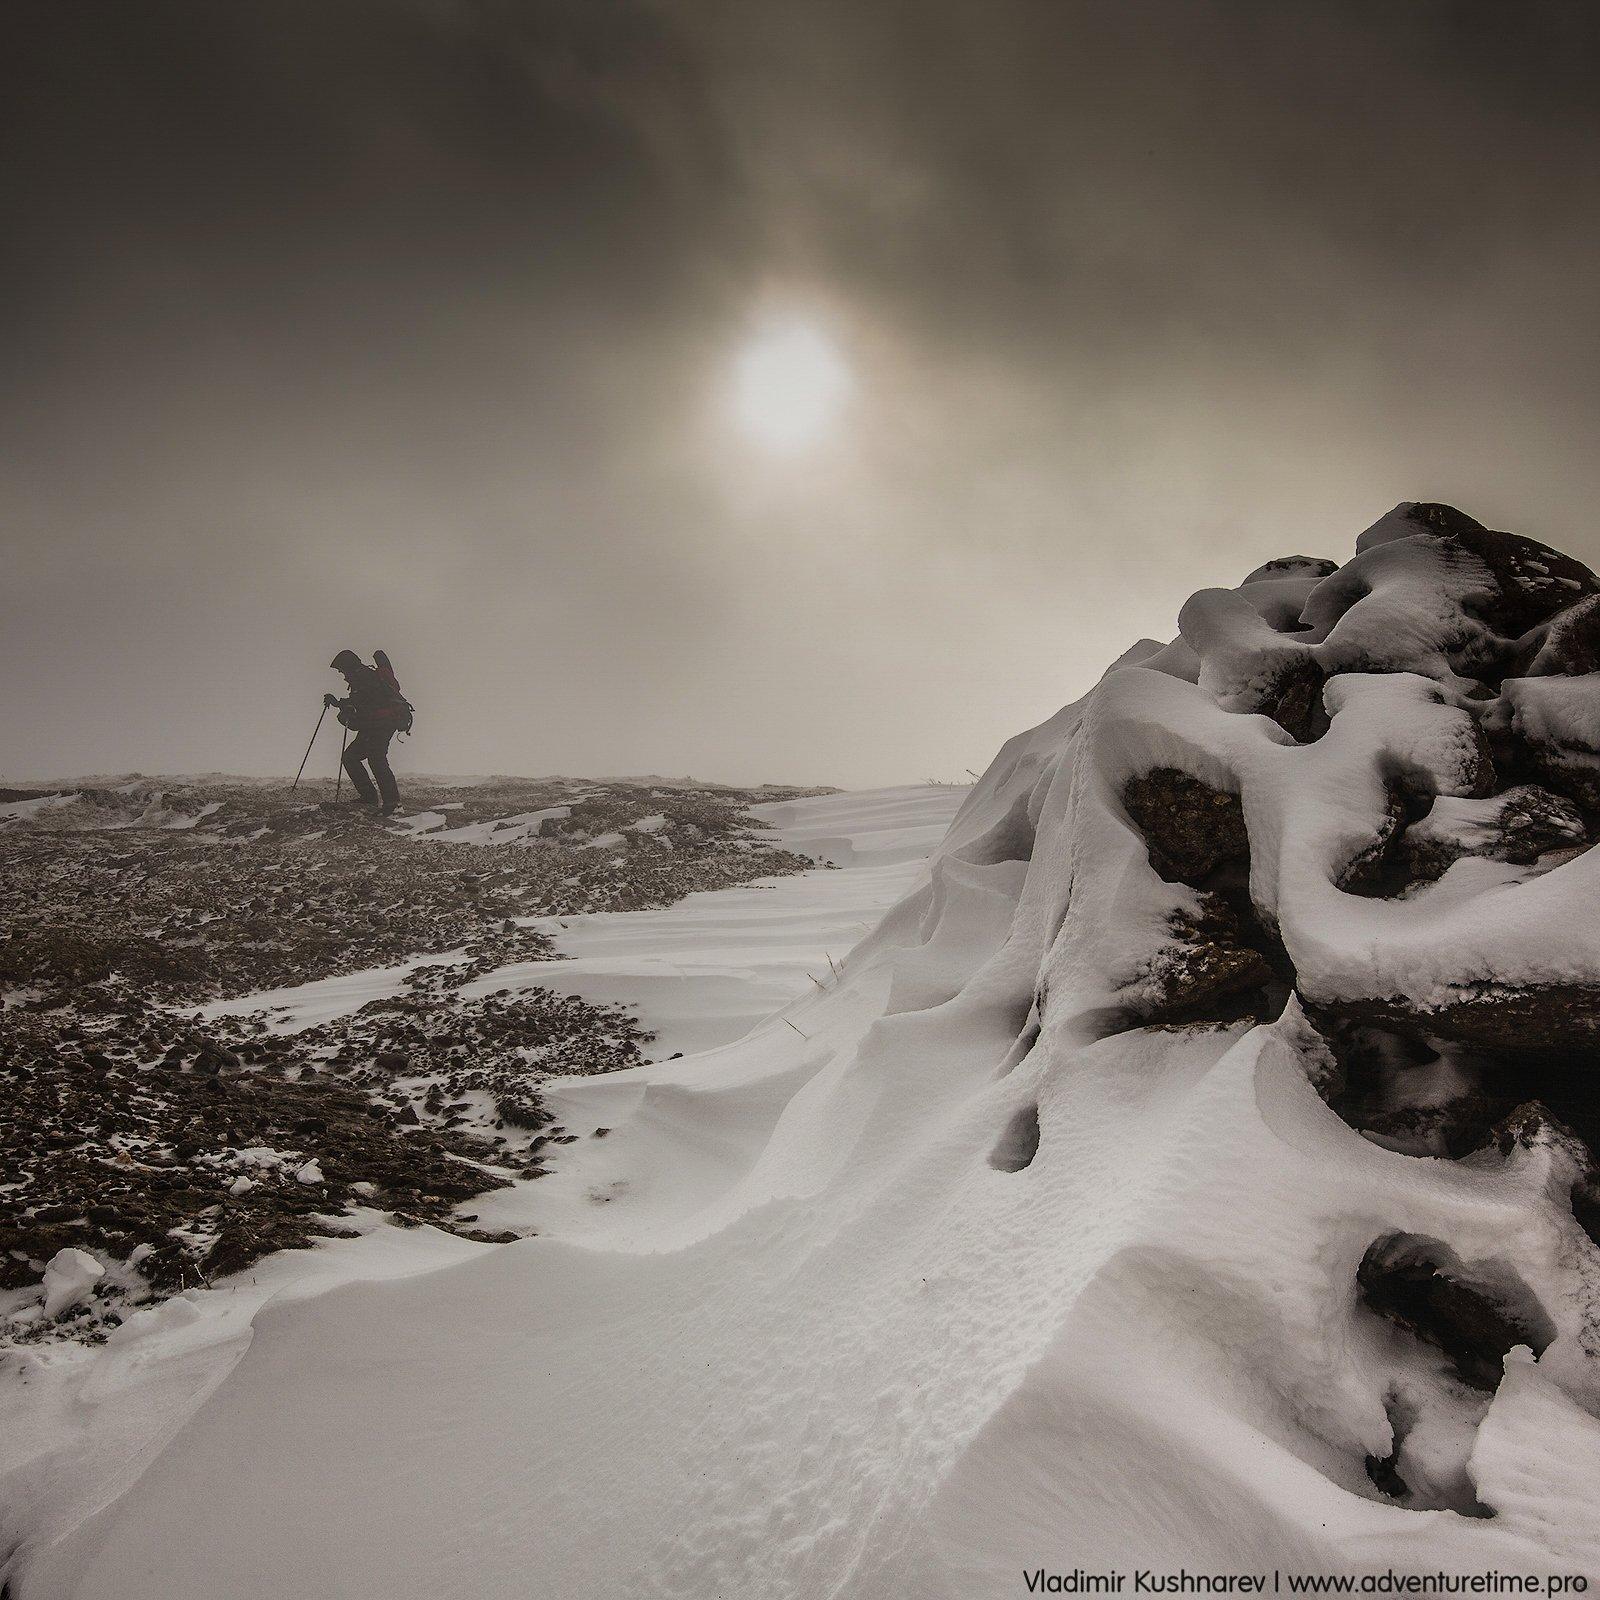 пейзаж, крым, рассвет, солнце, снег, шторм, горы, Vladimir Kushnarev